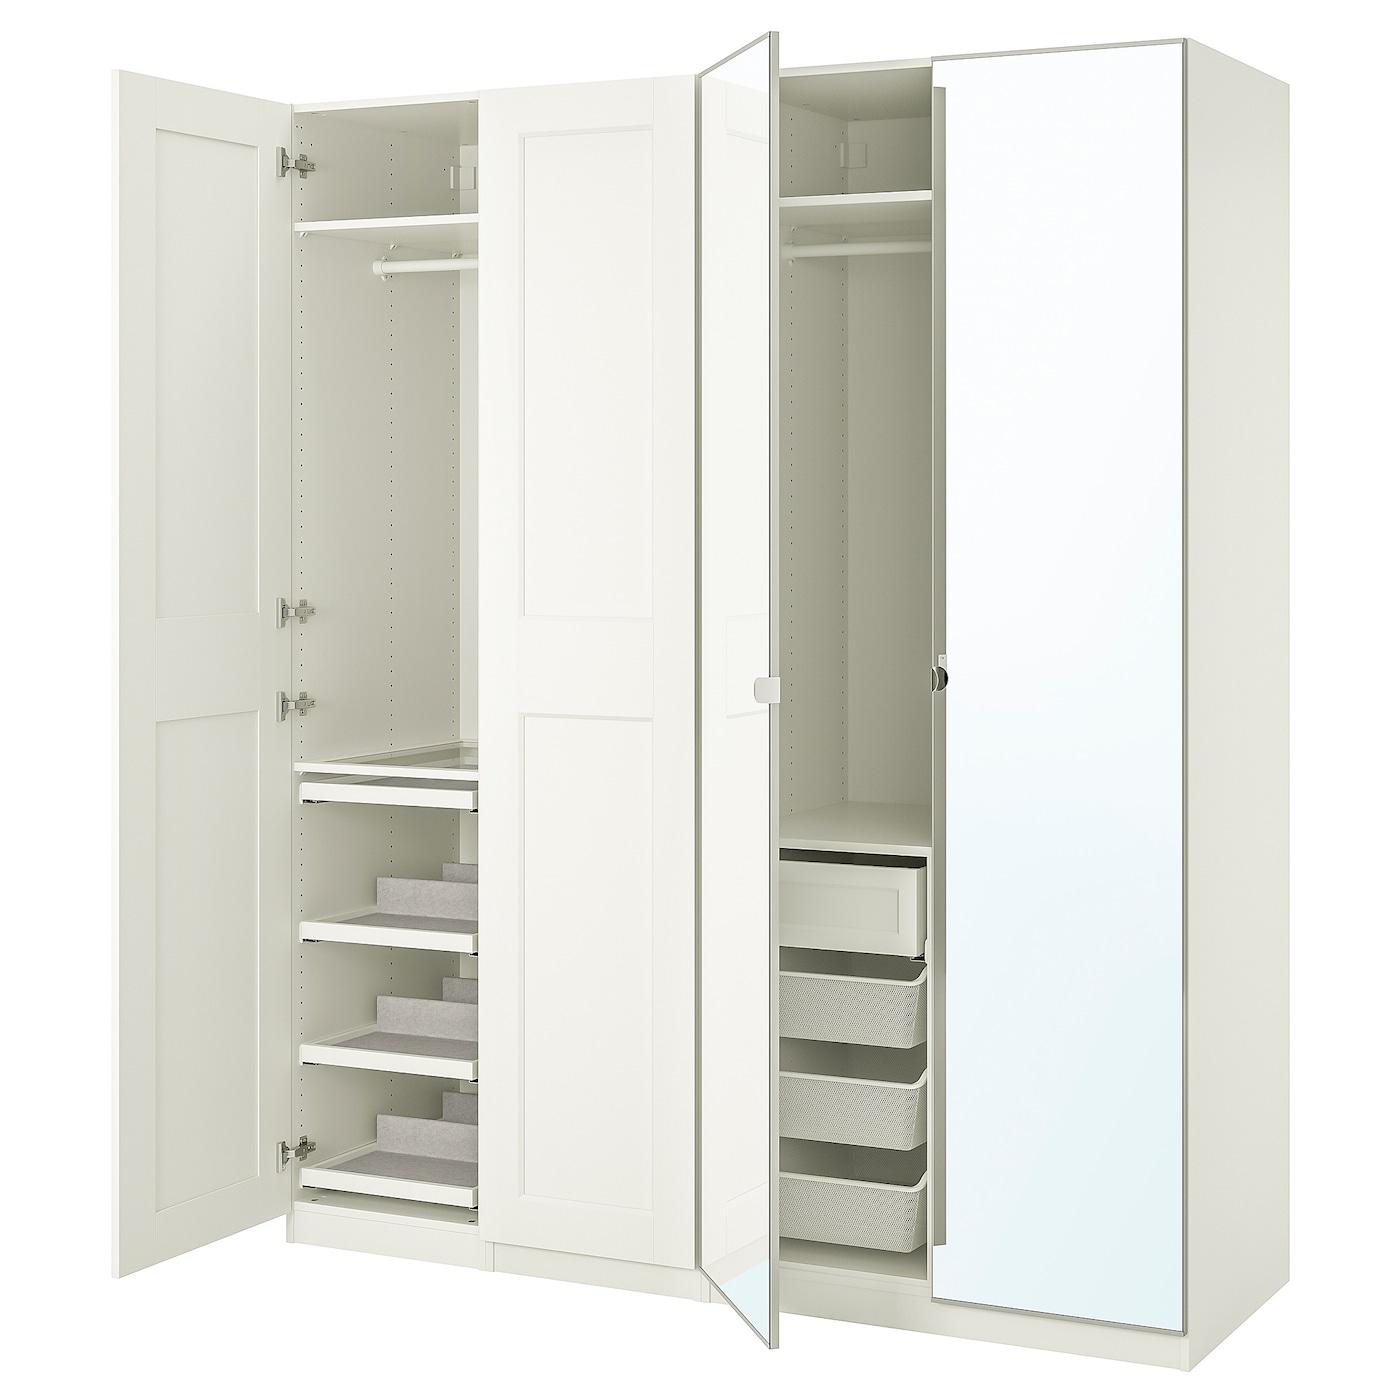 Armadio Con Specchio Ikea.Pax Grimo Vikedal Combinazione Di Guardaroba Bianco Vetro A Specchio 200x60x236 Cm Ikea It